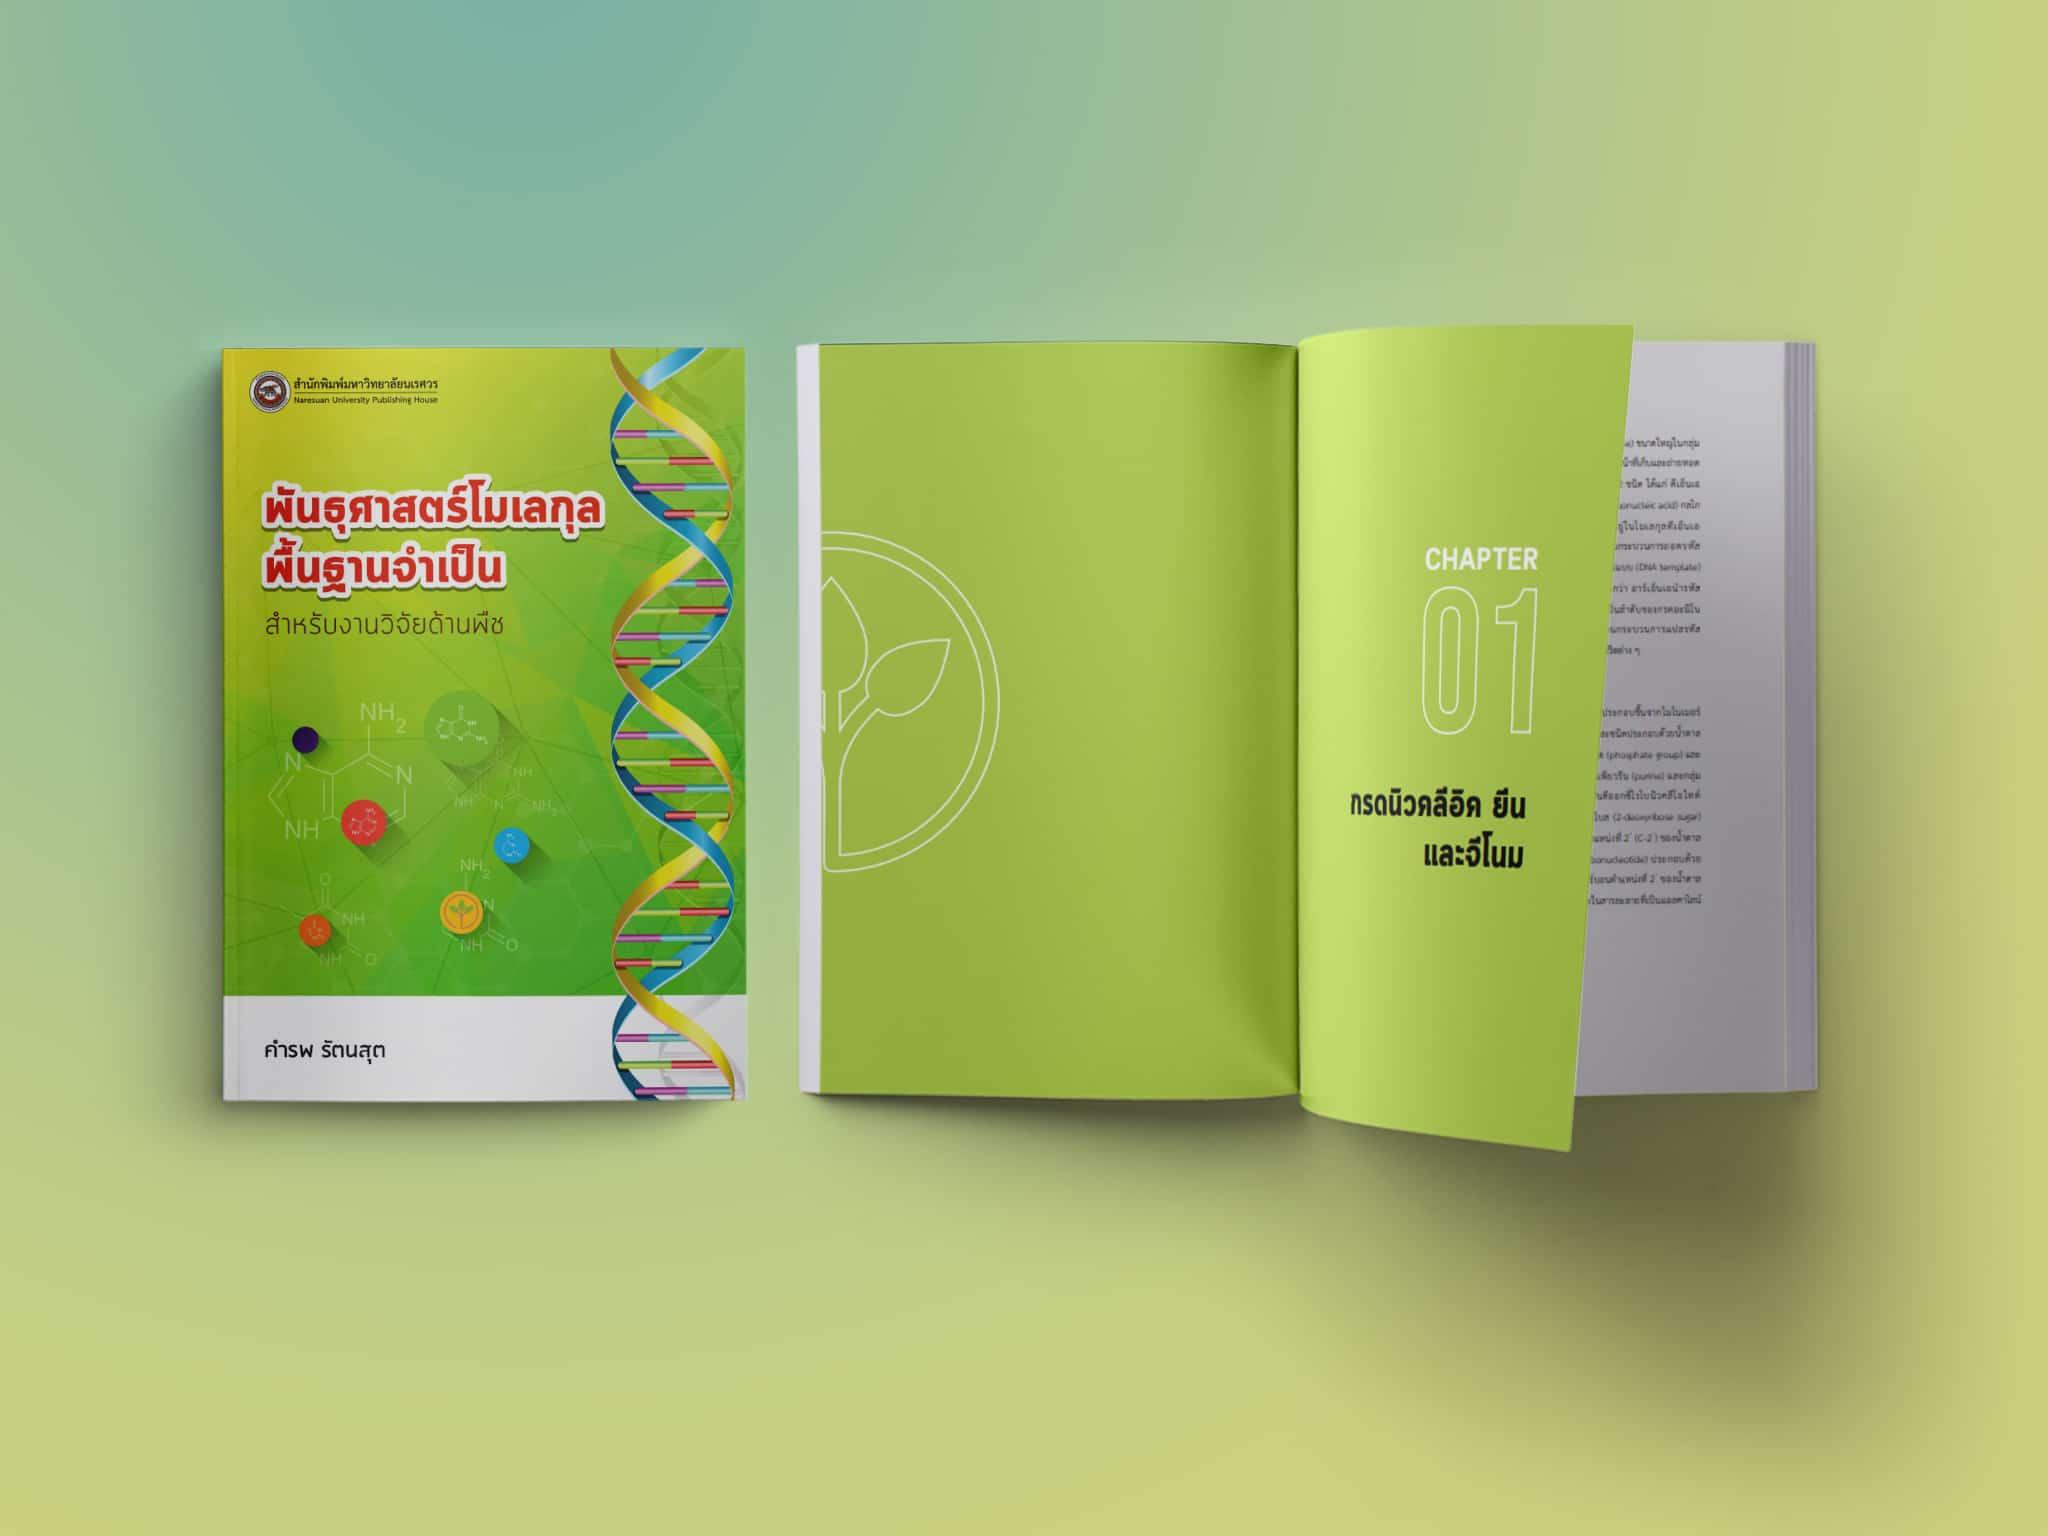 พันธุศาสตร์ การวิจัยระดับโมเลกุลพื้นฐานจำเป็น